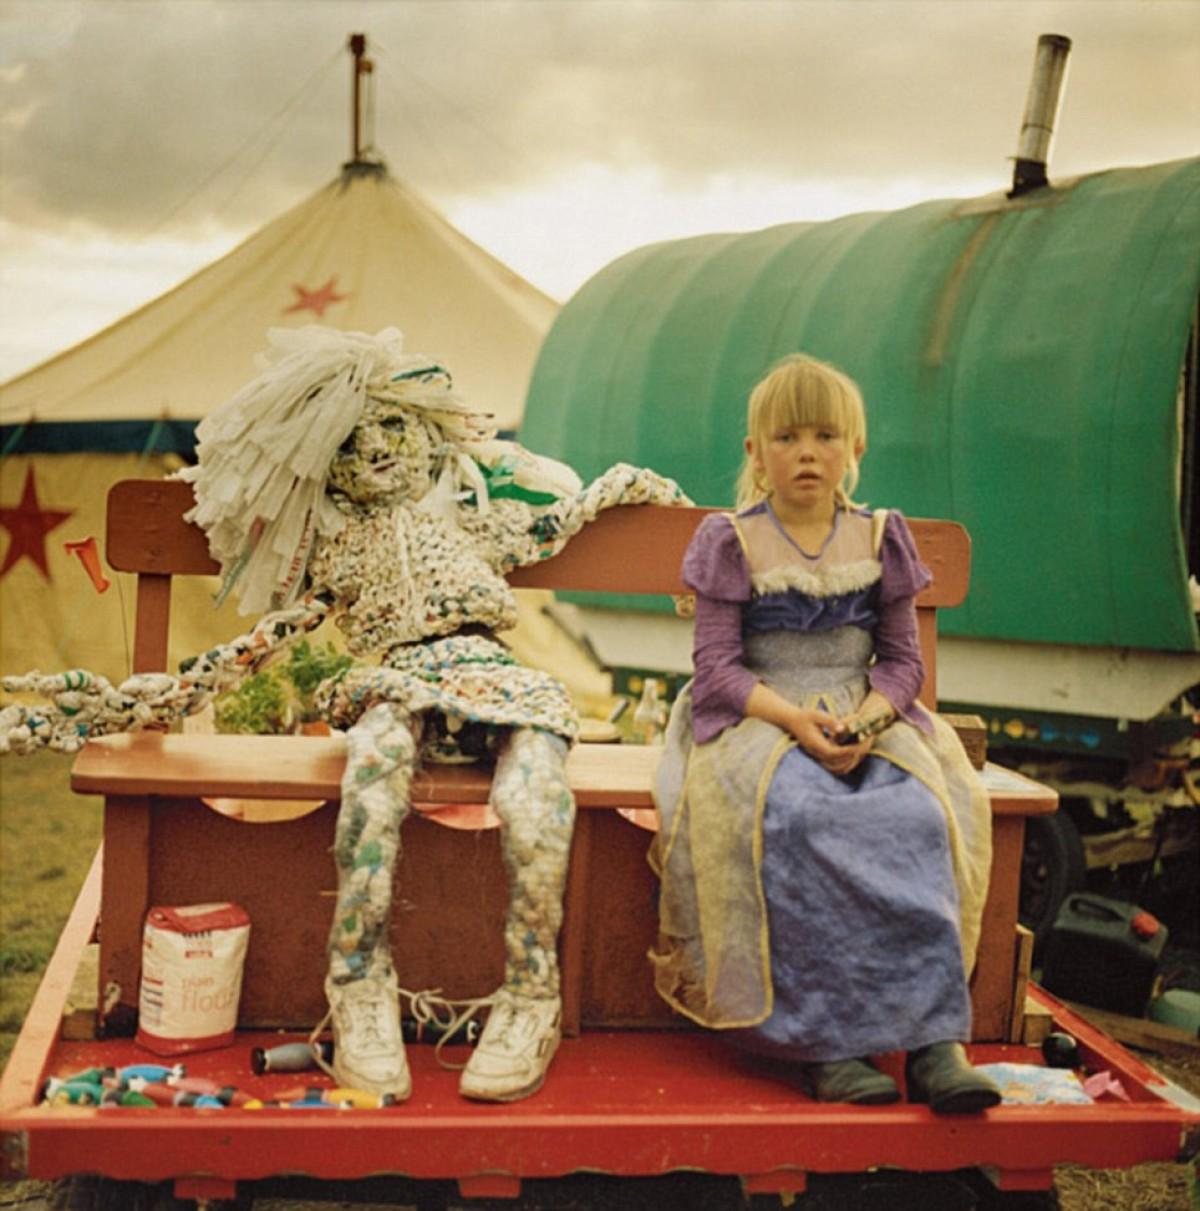 Οι Τσιγγάνοι του 21ου αιώνα – Μία σειρά από εκπληκτικές φωτογραφίες